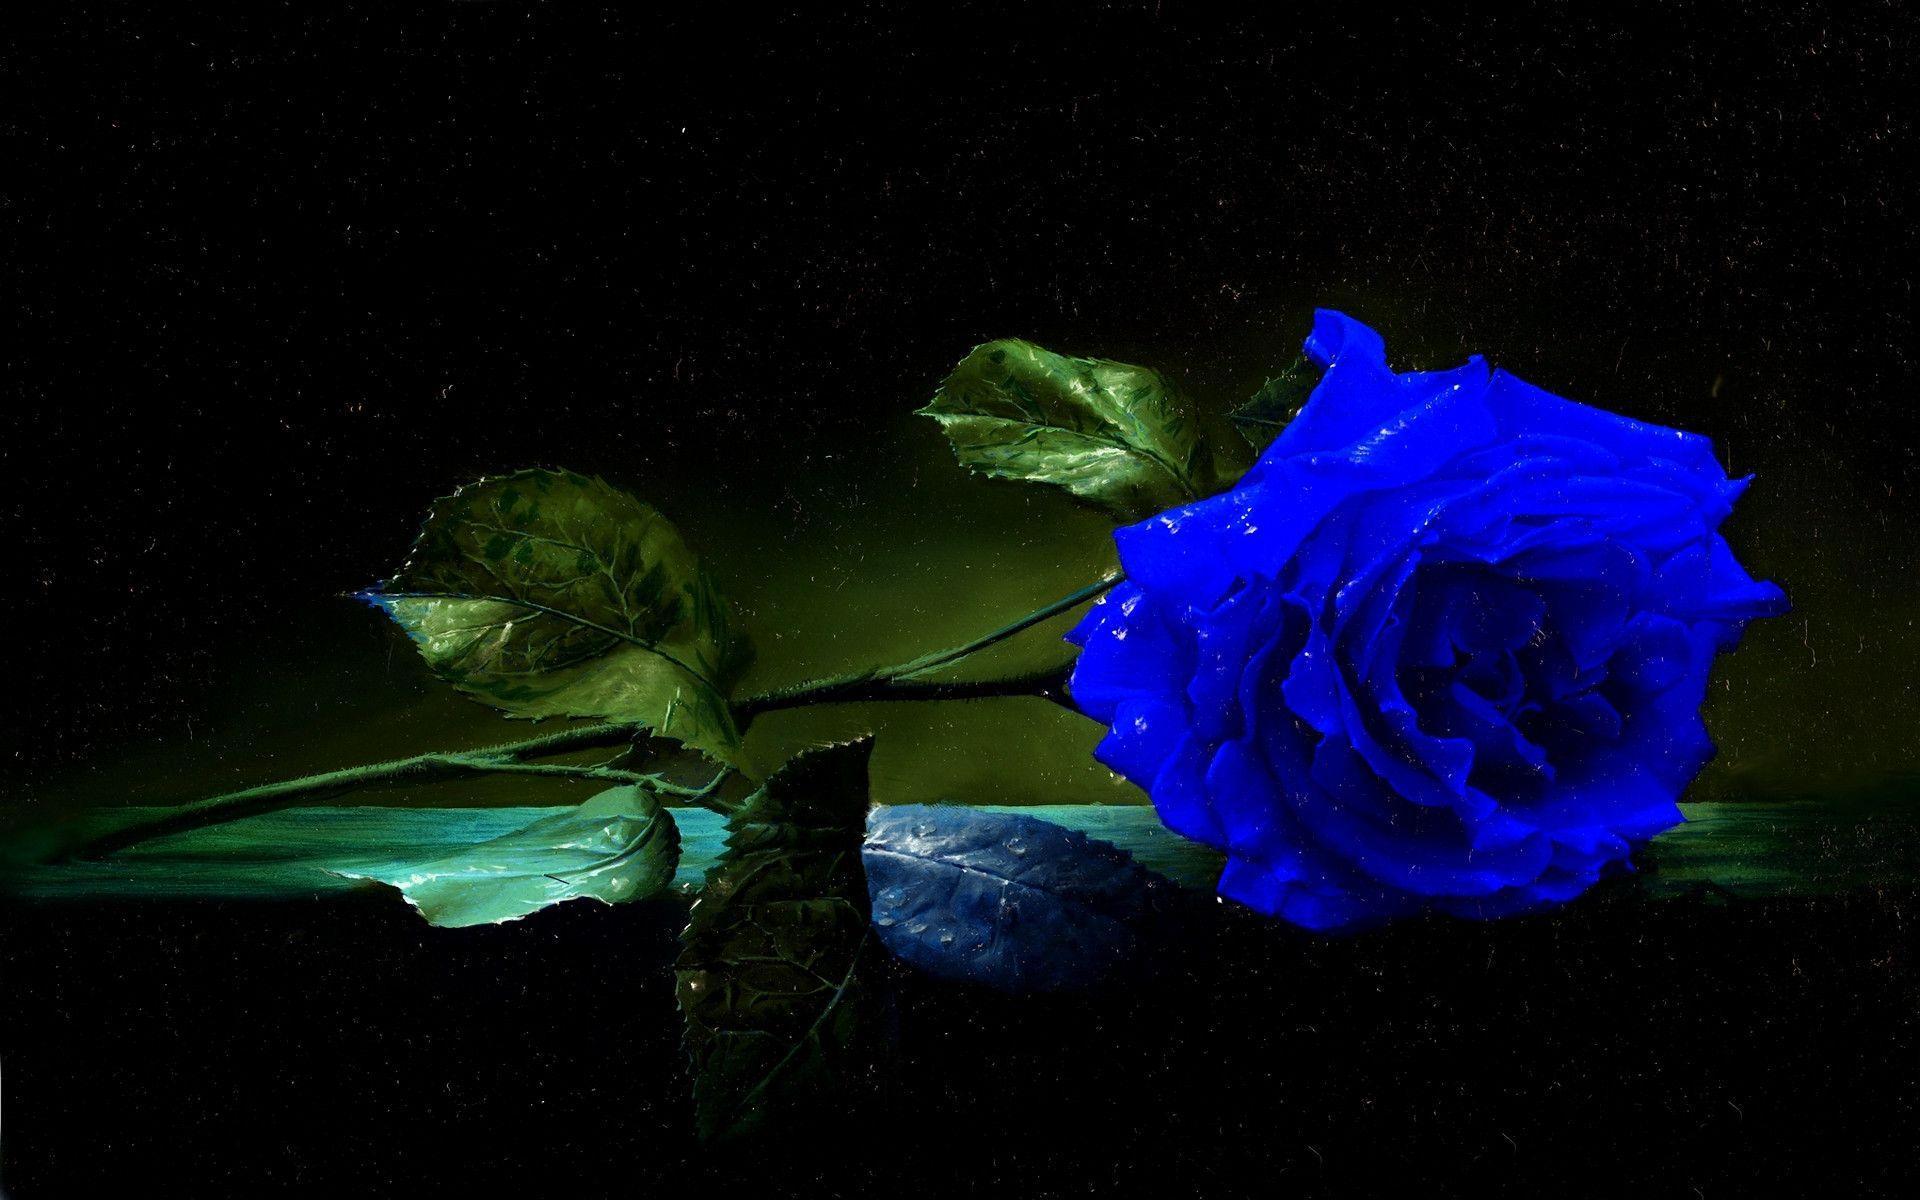 hinh anh hoa hong xanh 12